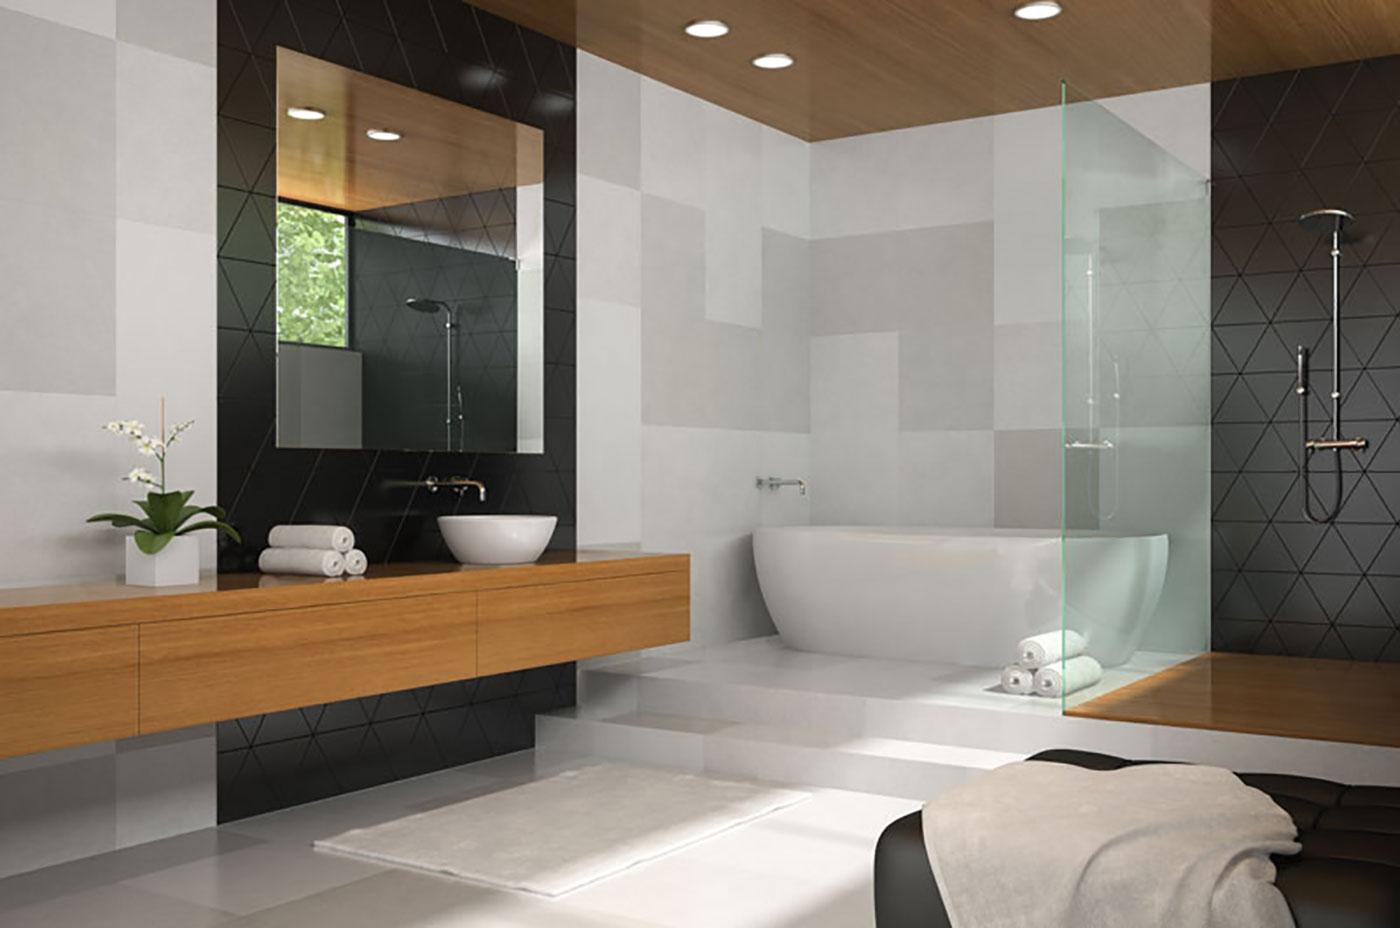 Qualitatsprodukte Fur Ihr Badezimmer Bequem Online Bestellen